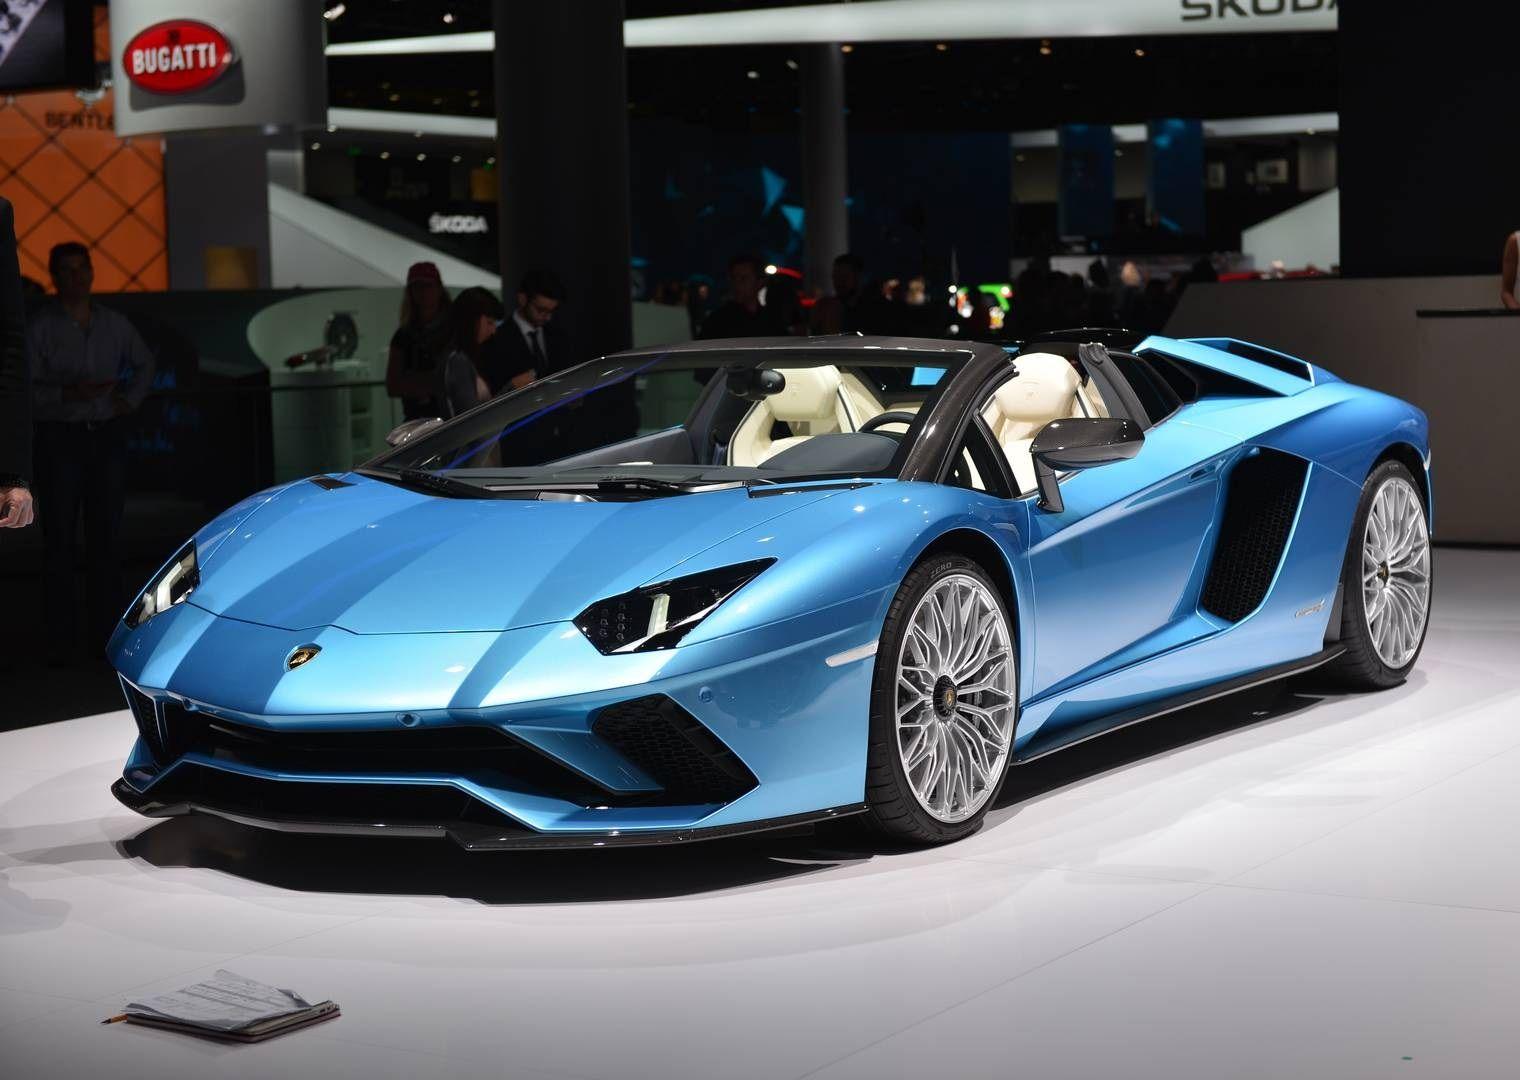 2020 Lamborghini Aventador Concept Price Lamborghini Aventador Lamborghini Lamborghini Cars